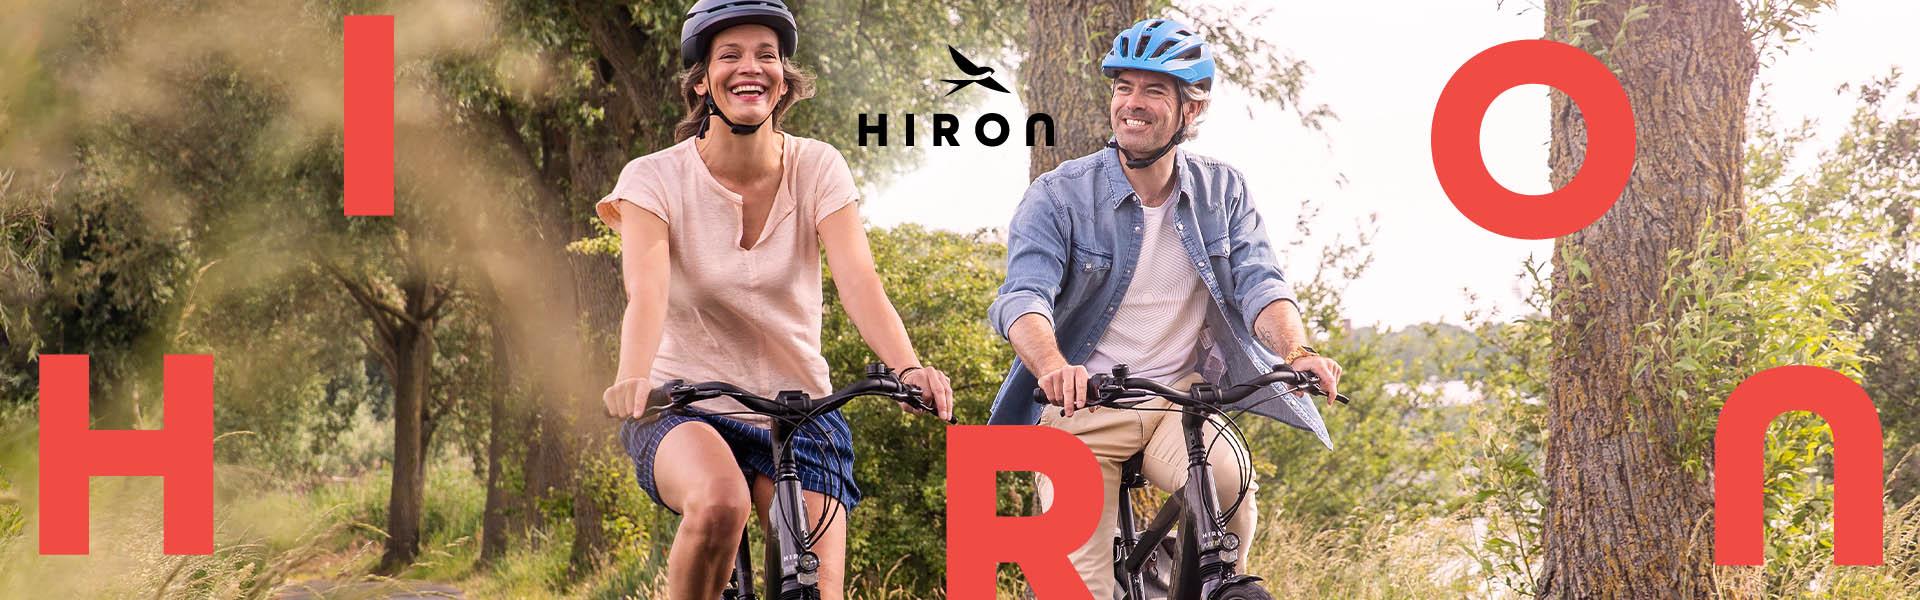 Koppel fietst op de HIRON e-bikes van Fiets!